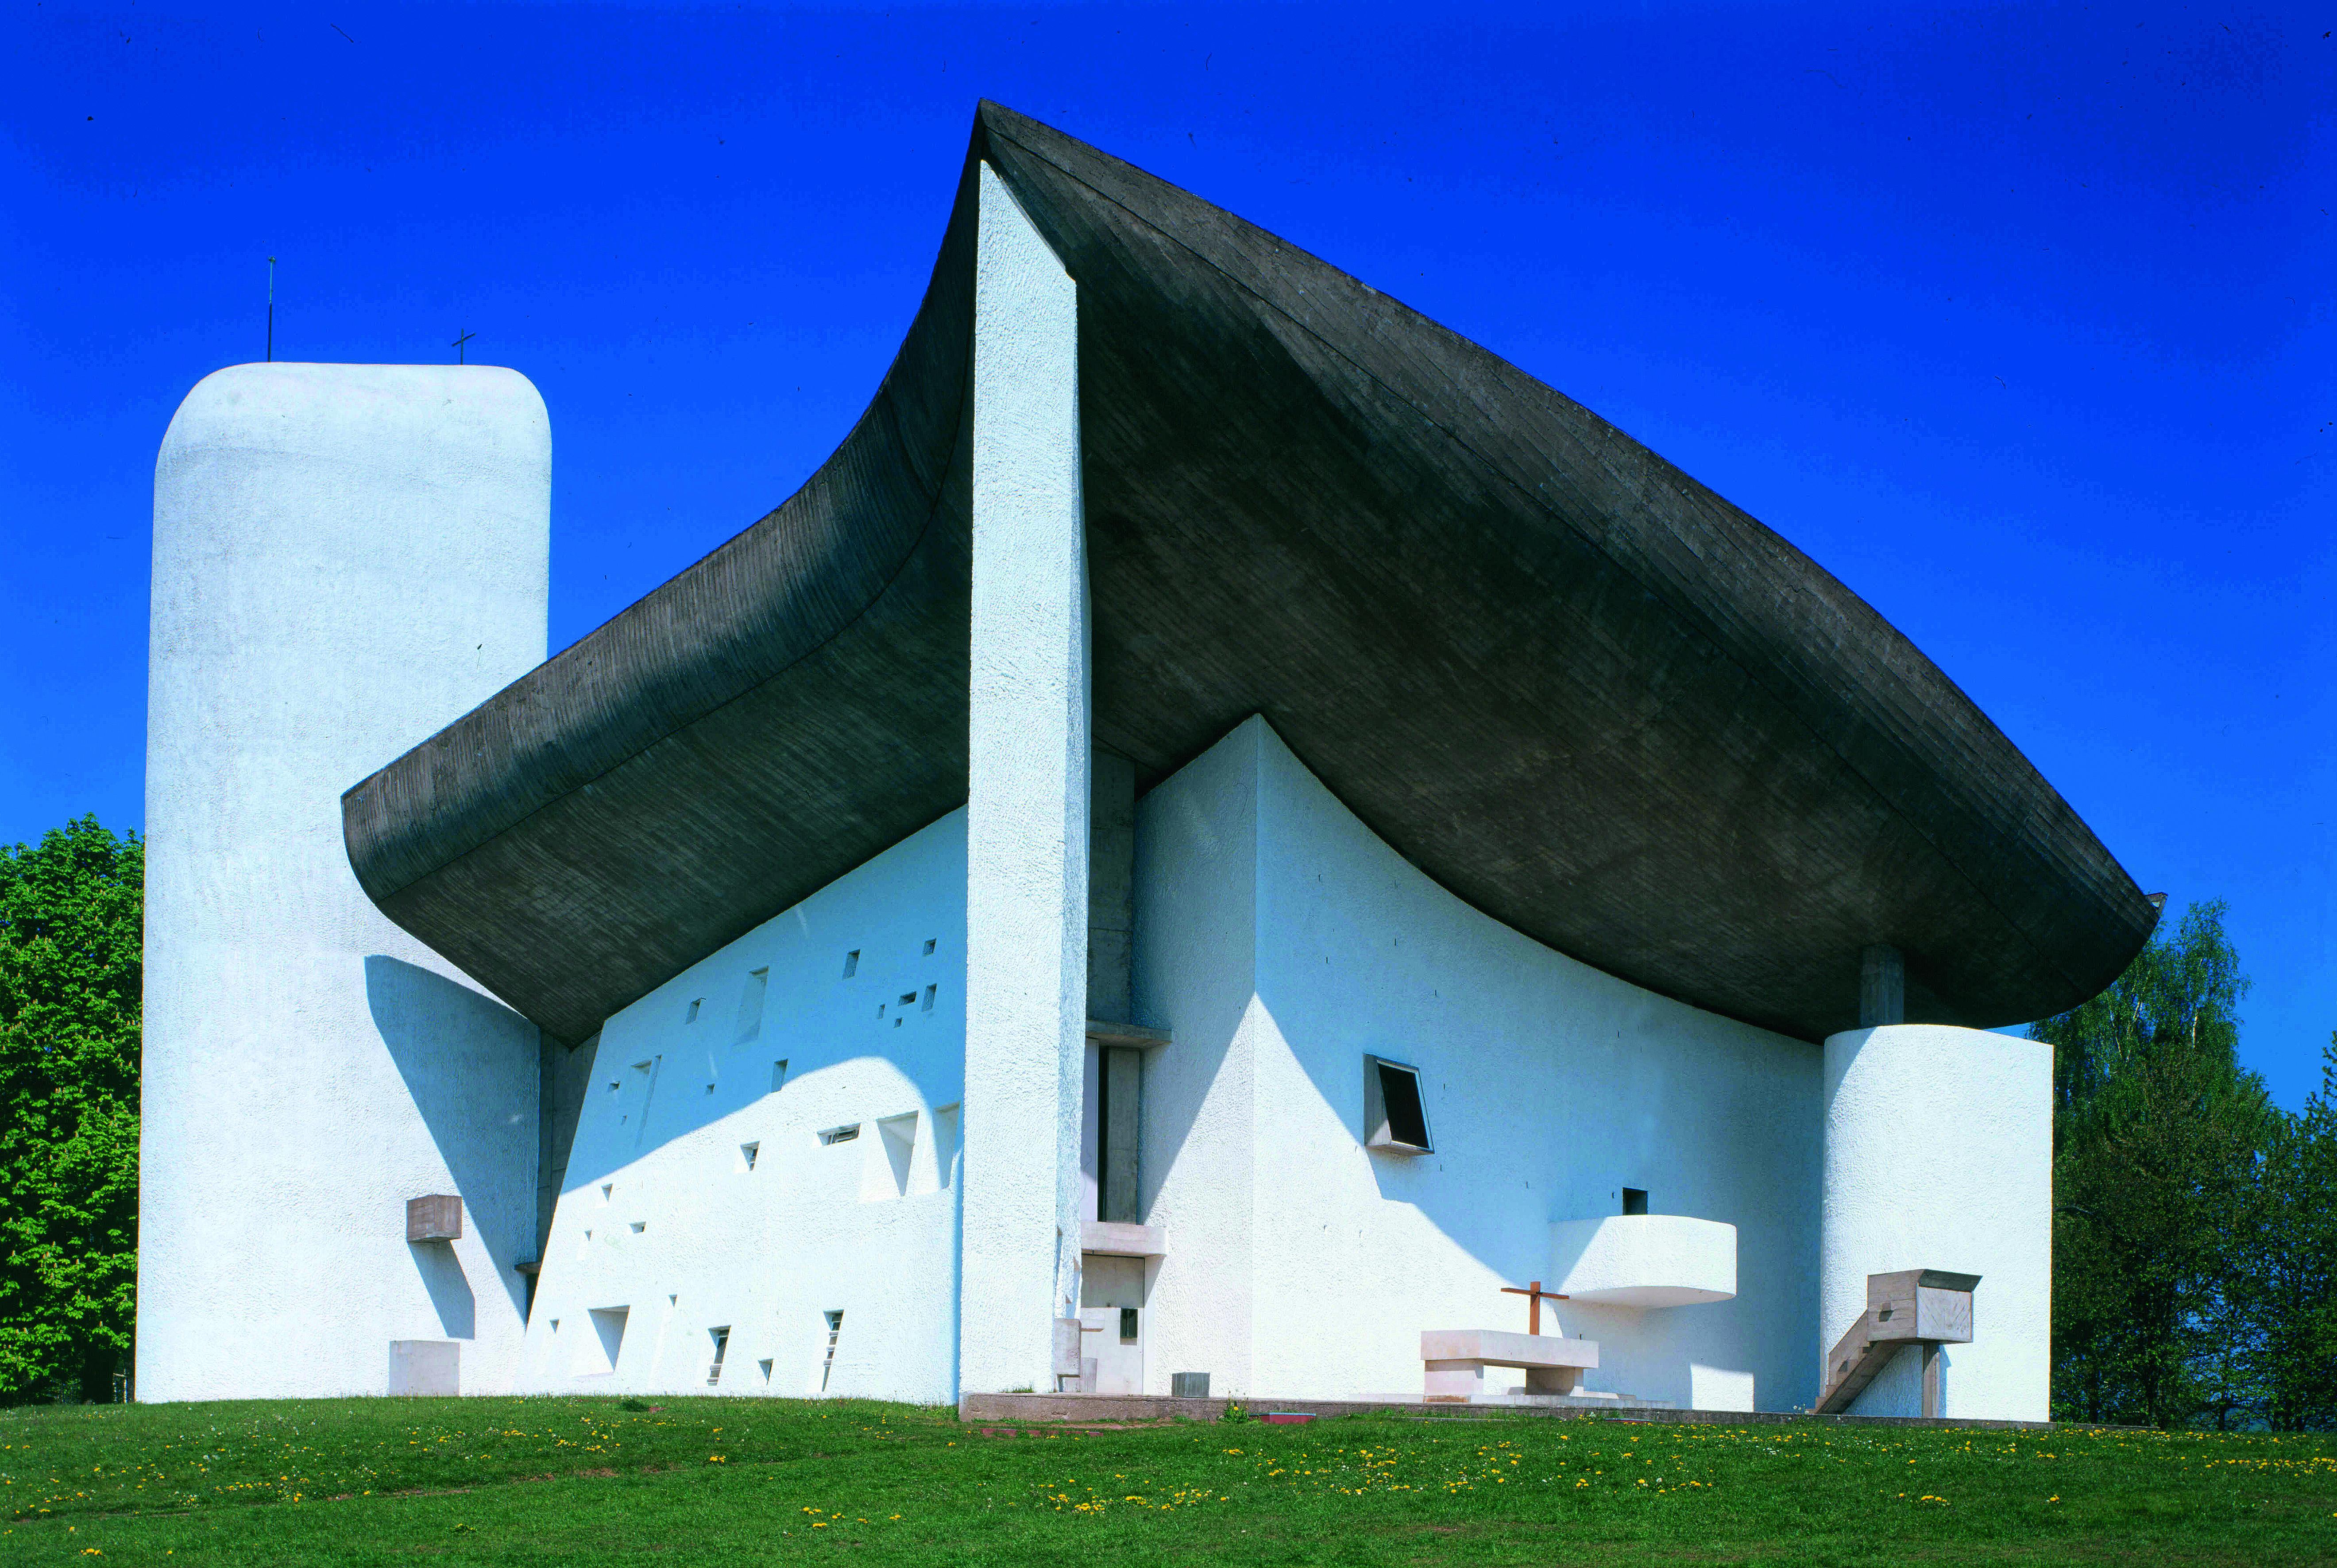 Le Corbusier Les 5 Points grand designs: le corbusier, the 20th century's most